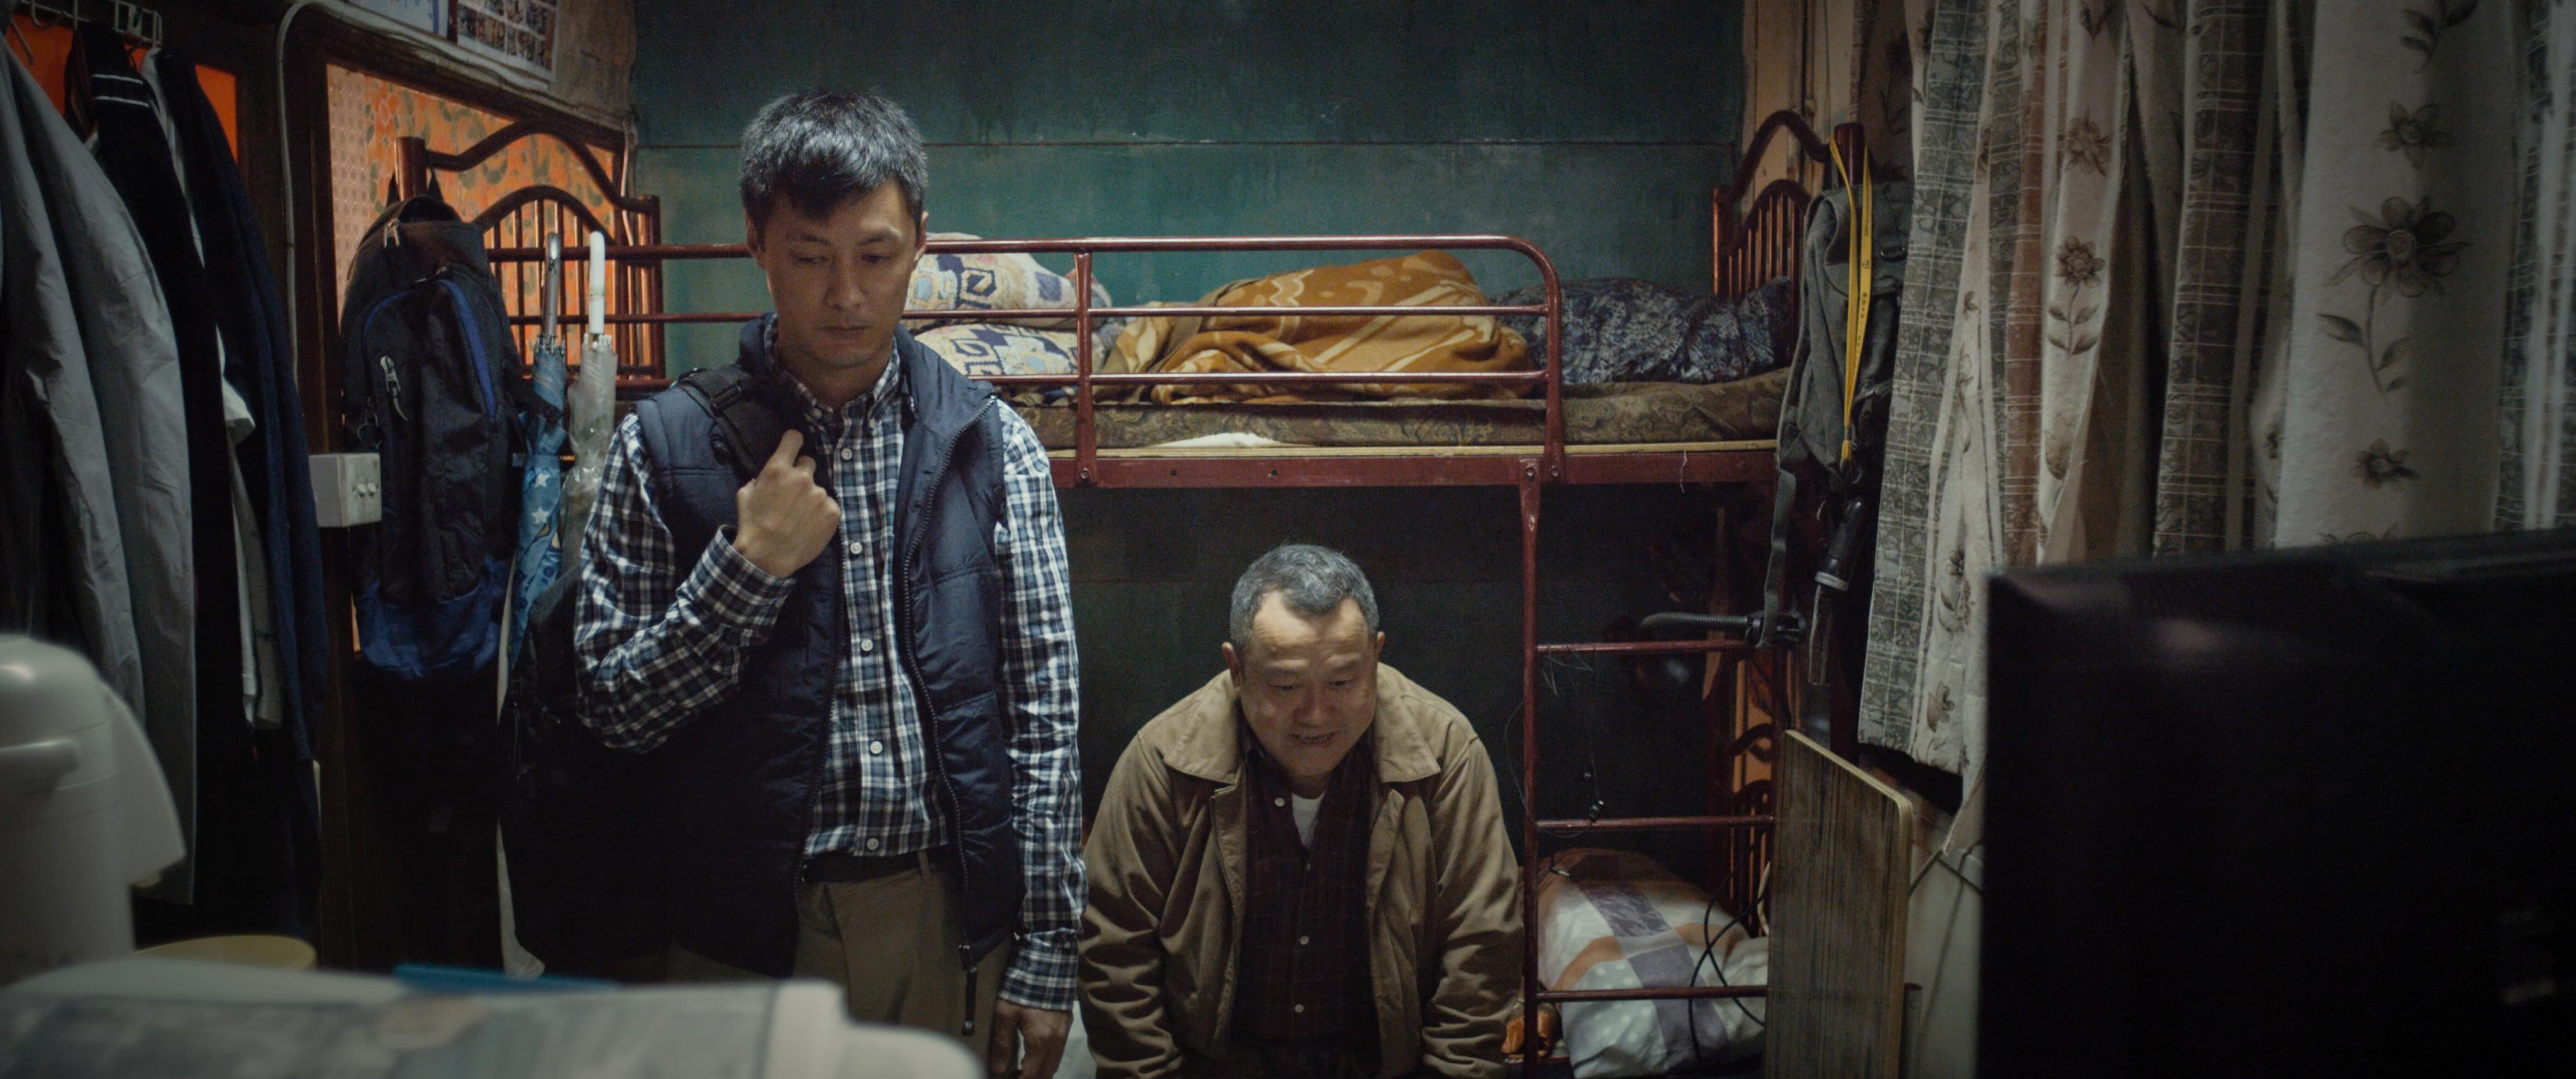 新導演黃進得到「首部劇情電影計劃」撥款拍攝首部作品《一念無明》。這是個關於躁鬱症病人的故事。